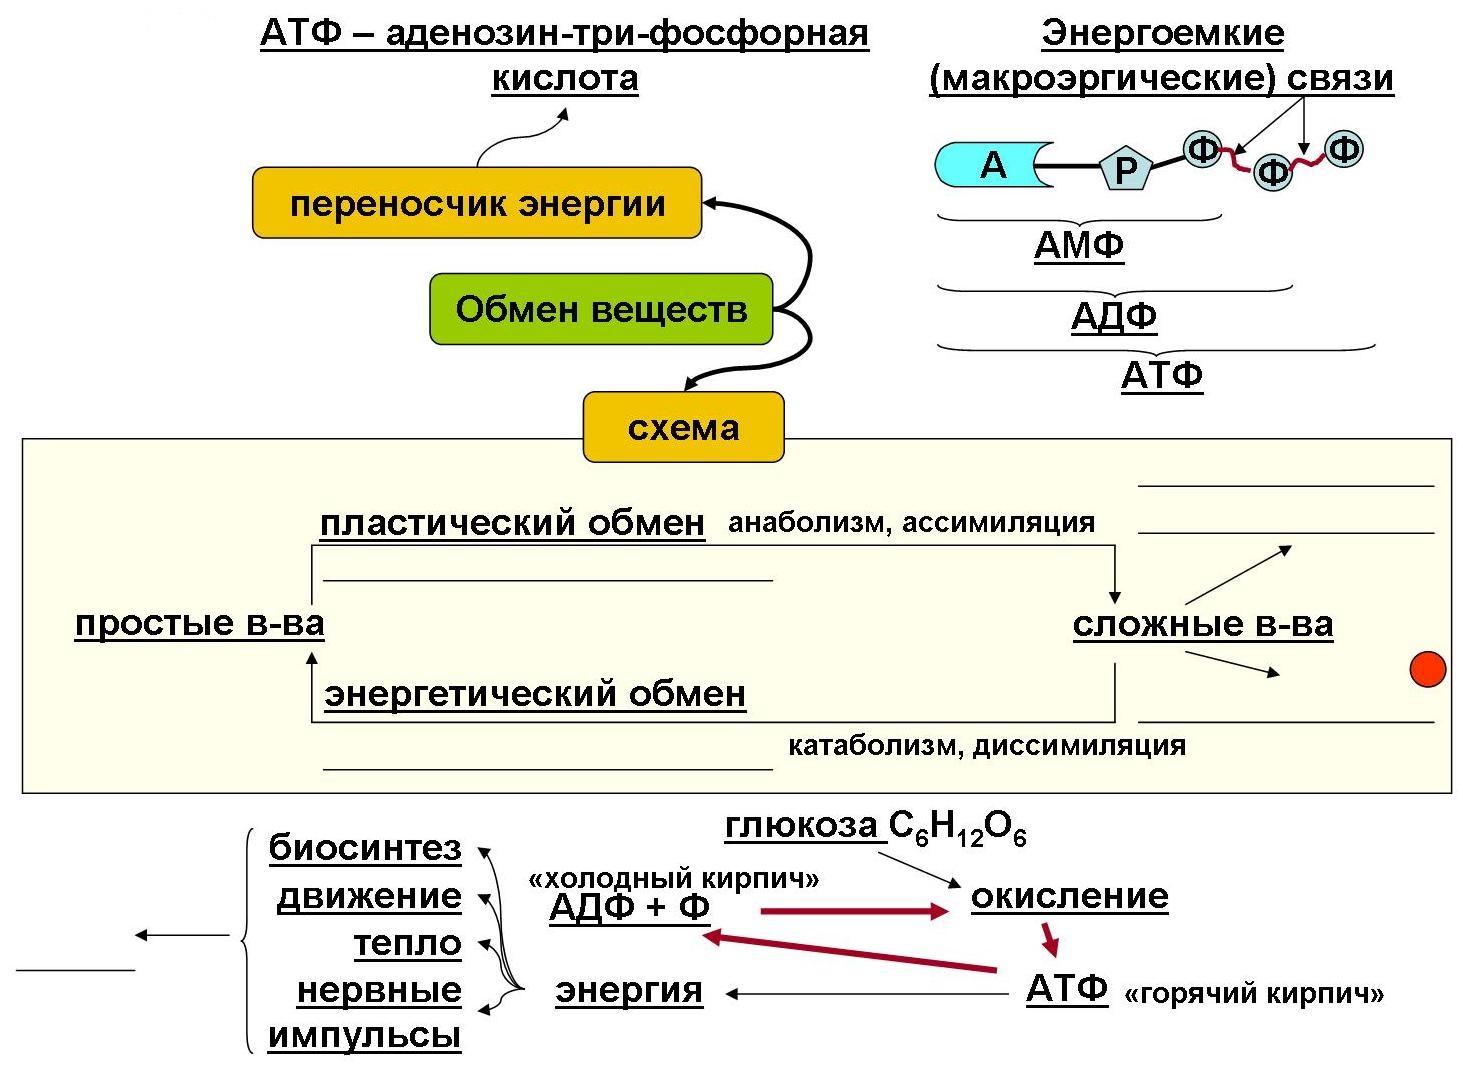 Схема обмена жиров у человека